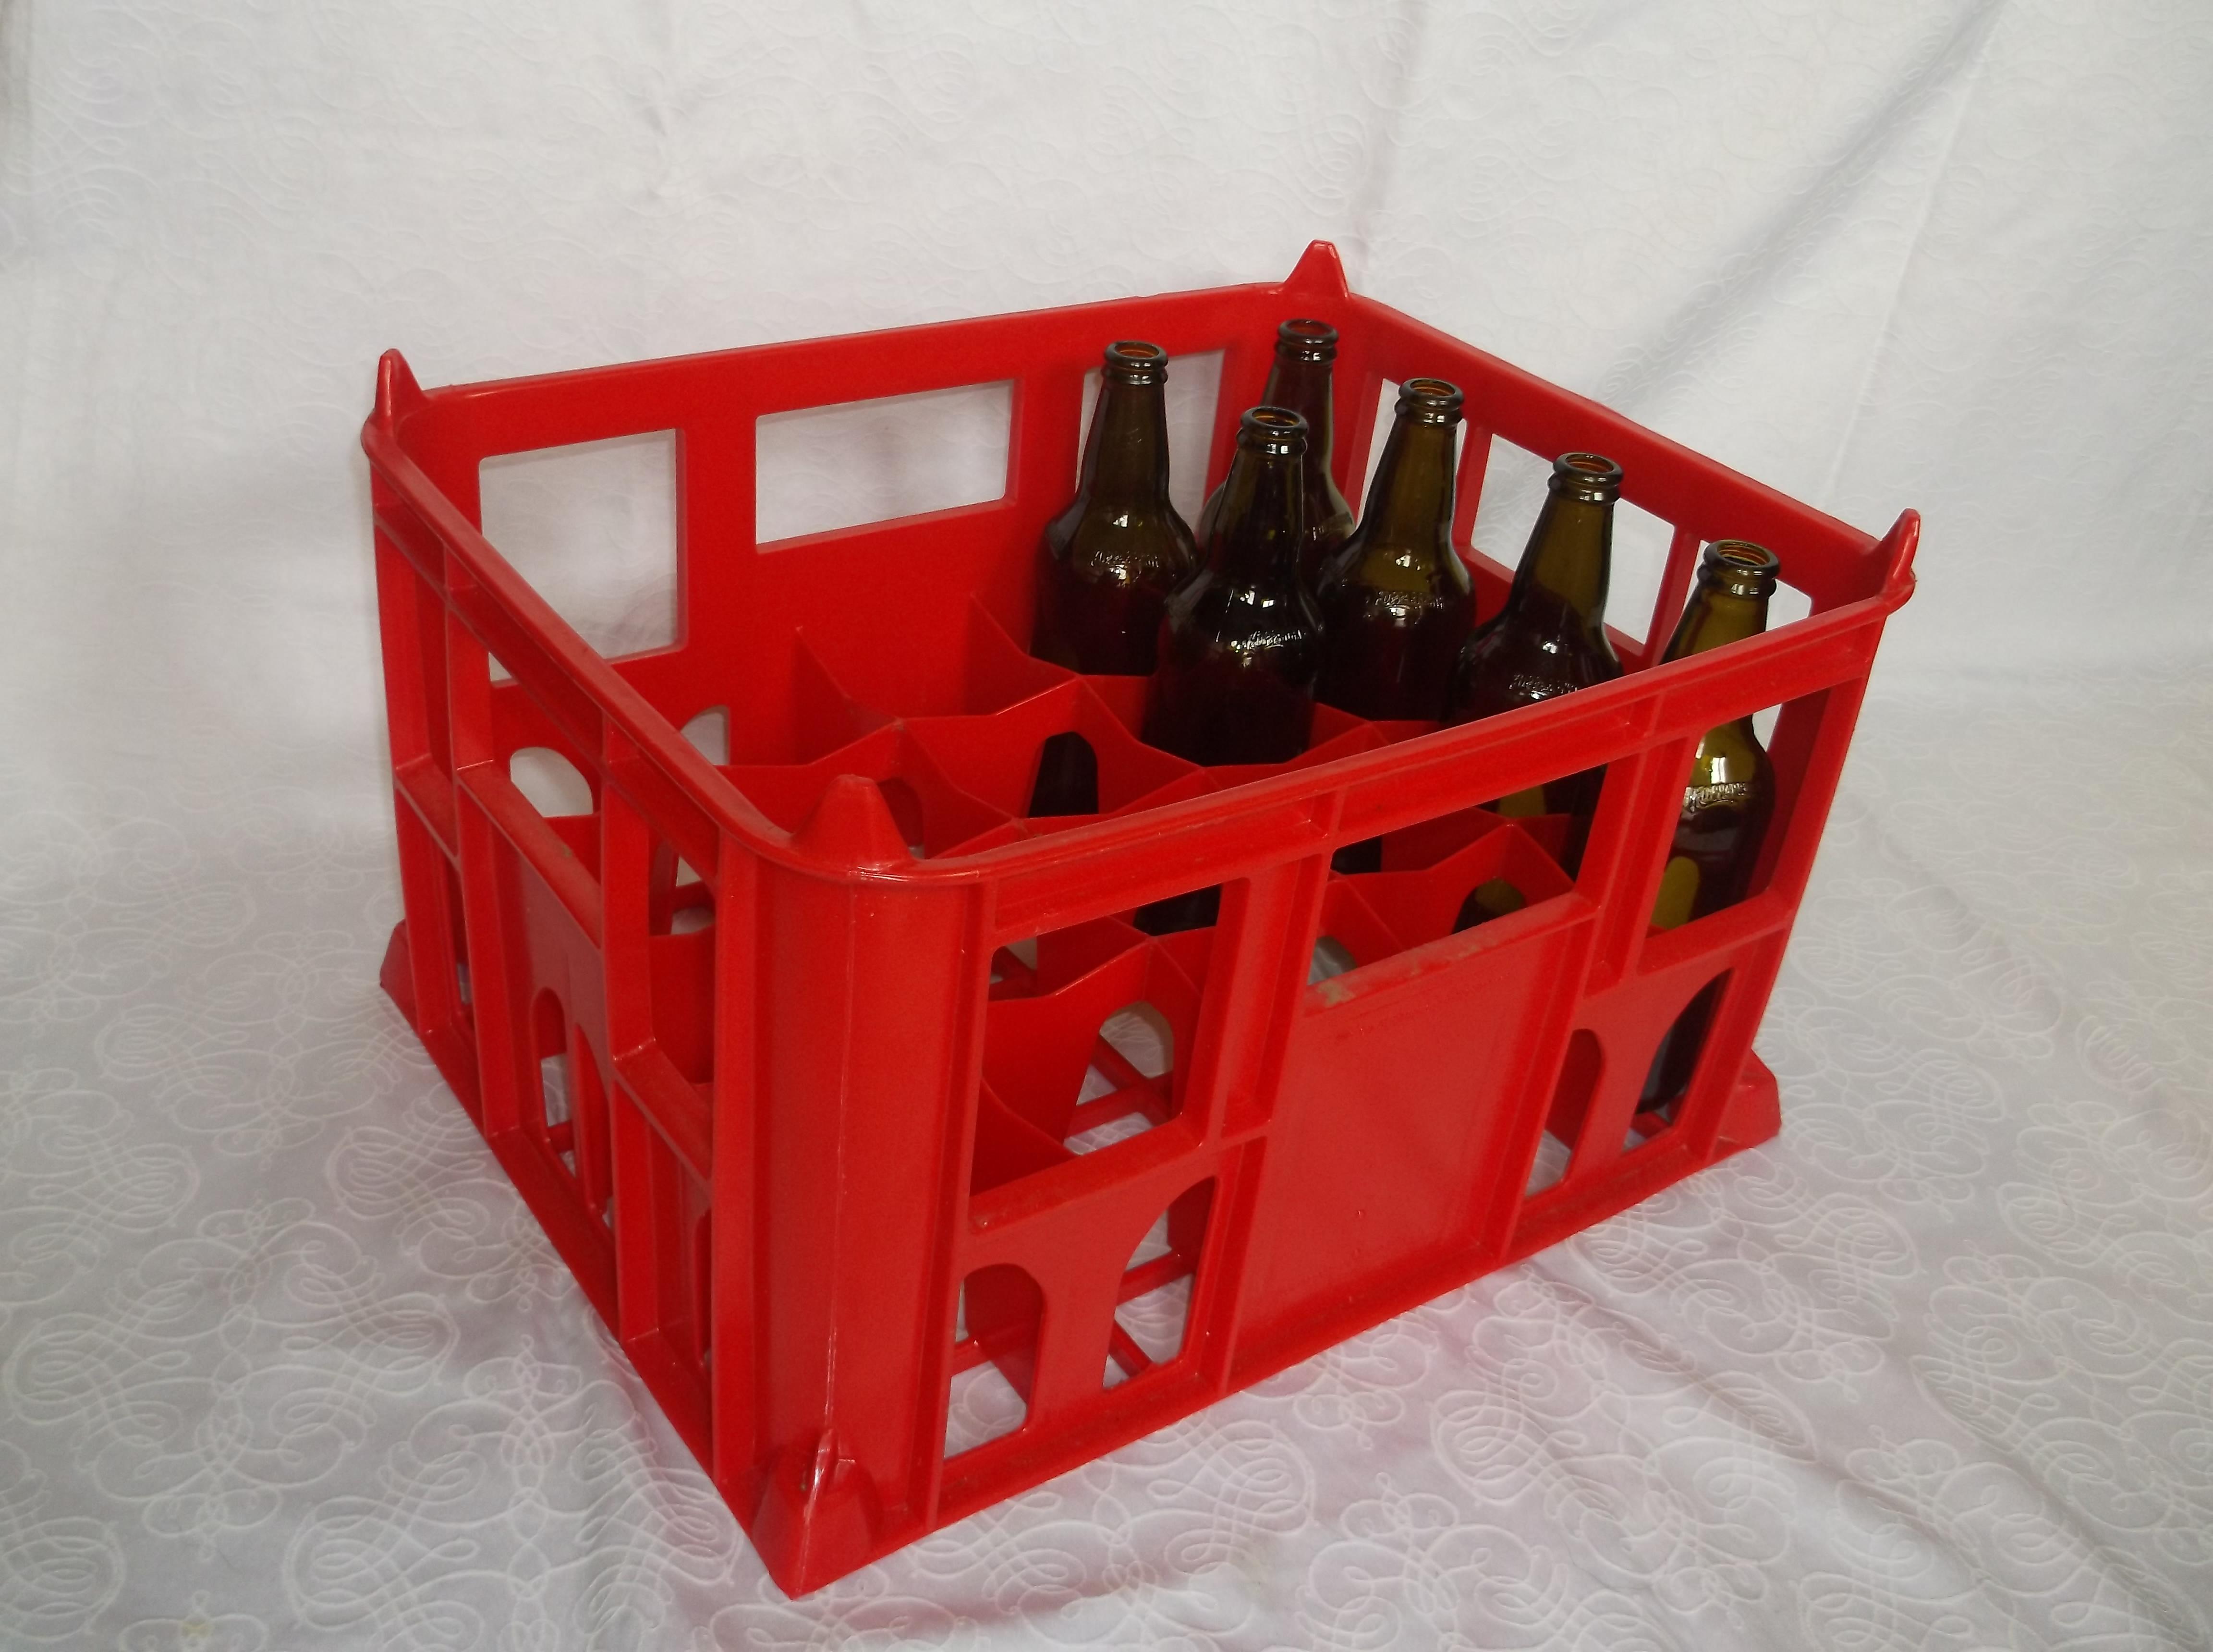 Crates - MT Beer Crate (empty)